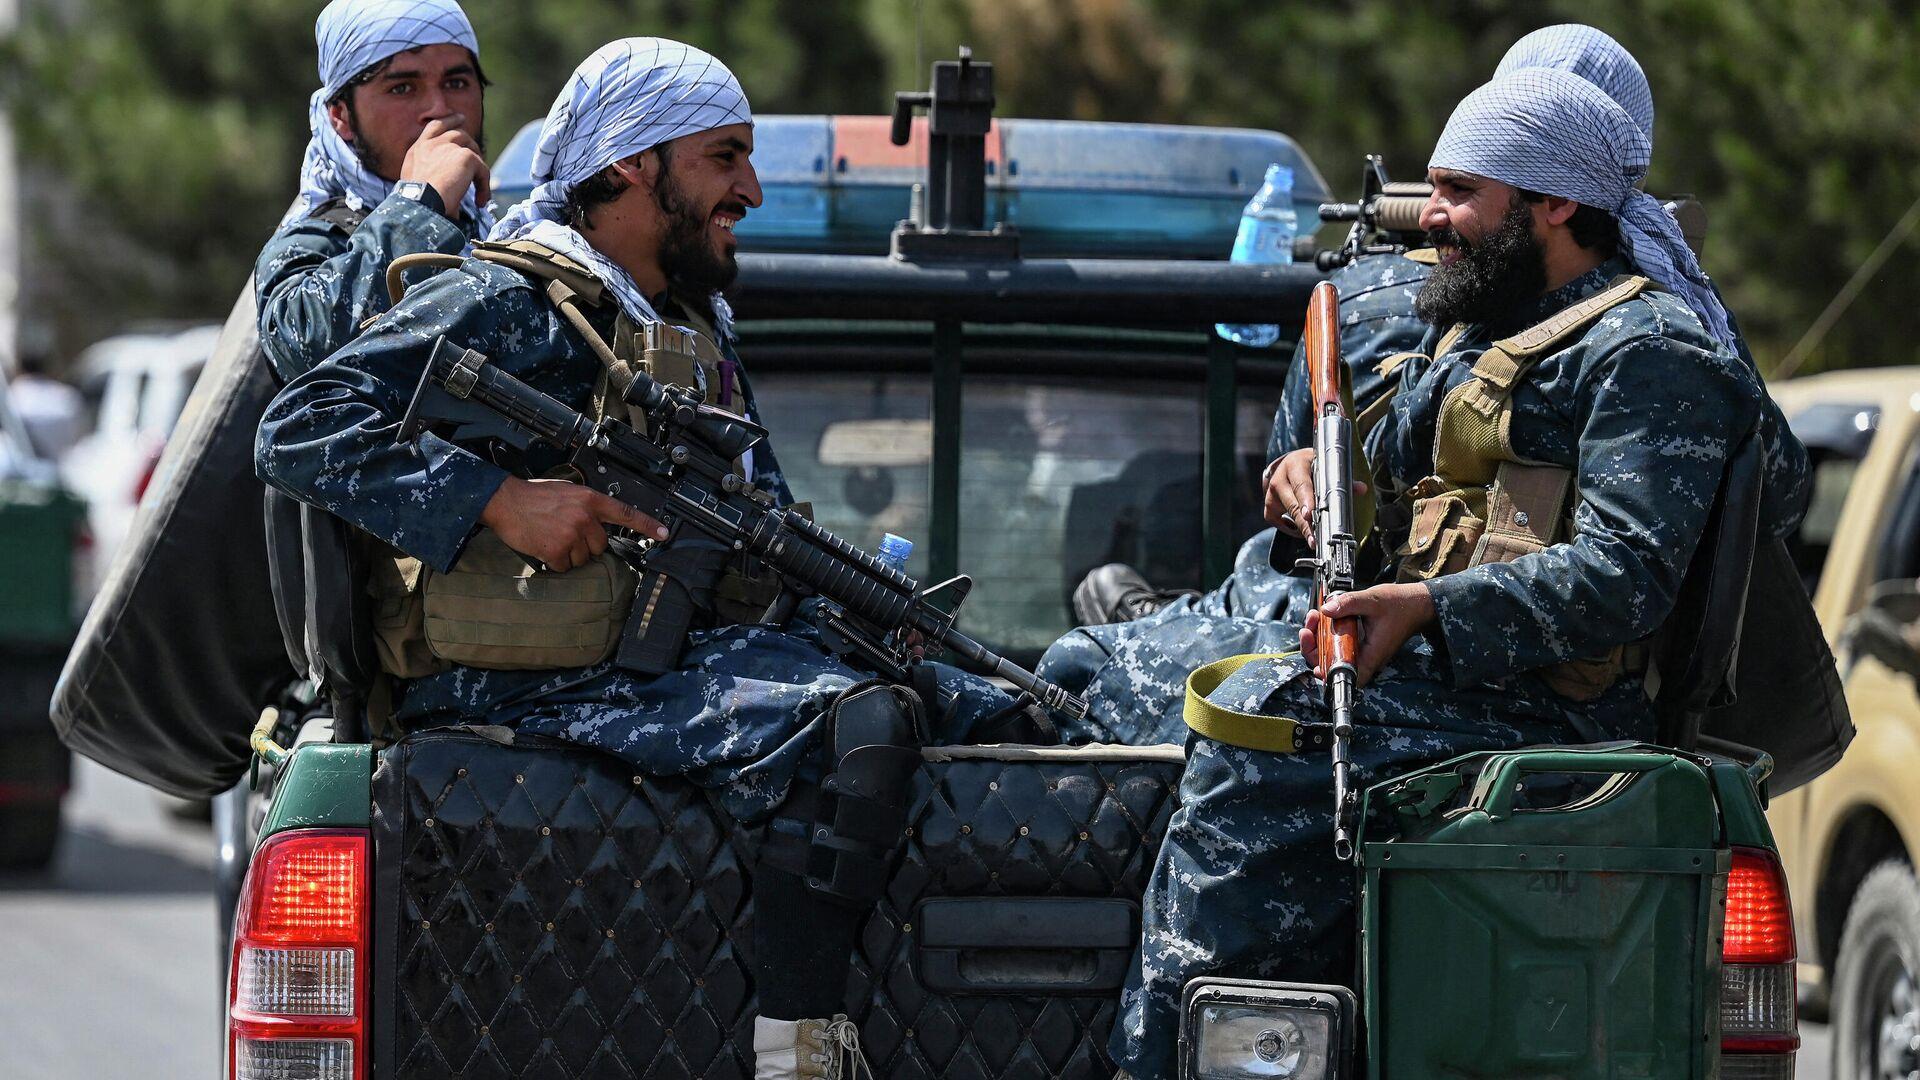 Taliban-Kämpfer patrouillieren am 29. August 2021 eine Straße in Kabul. - SNA, 1920, 05.09.2021